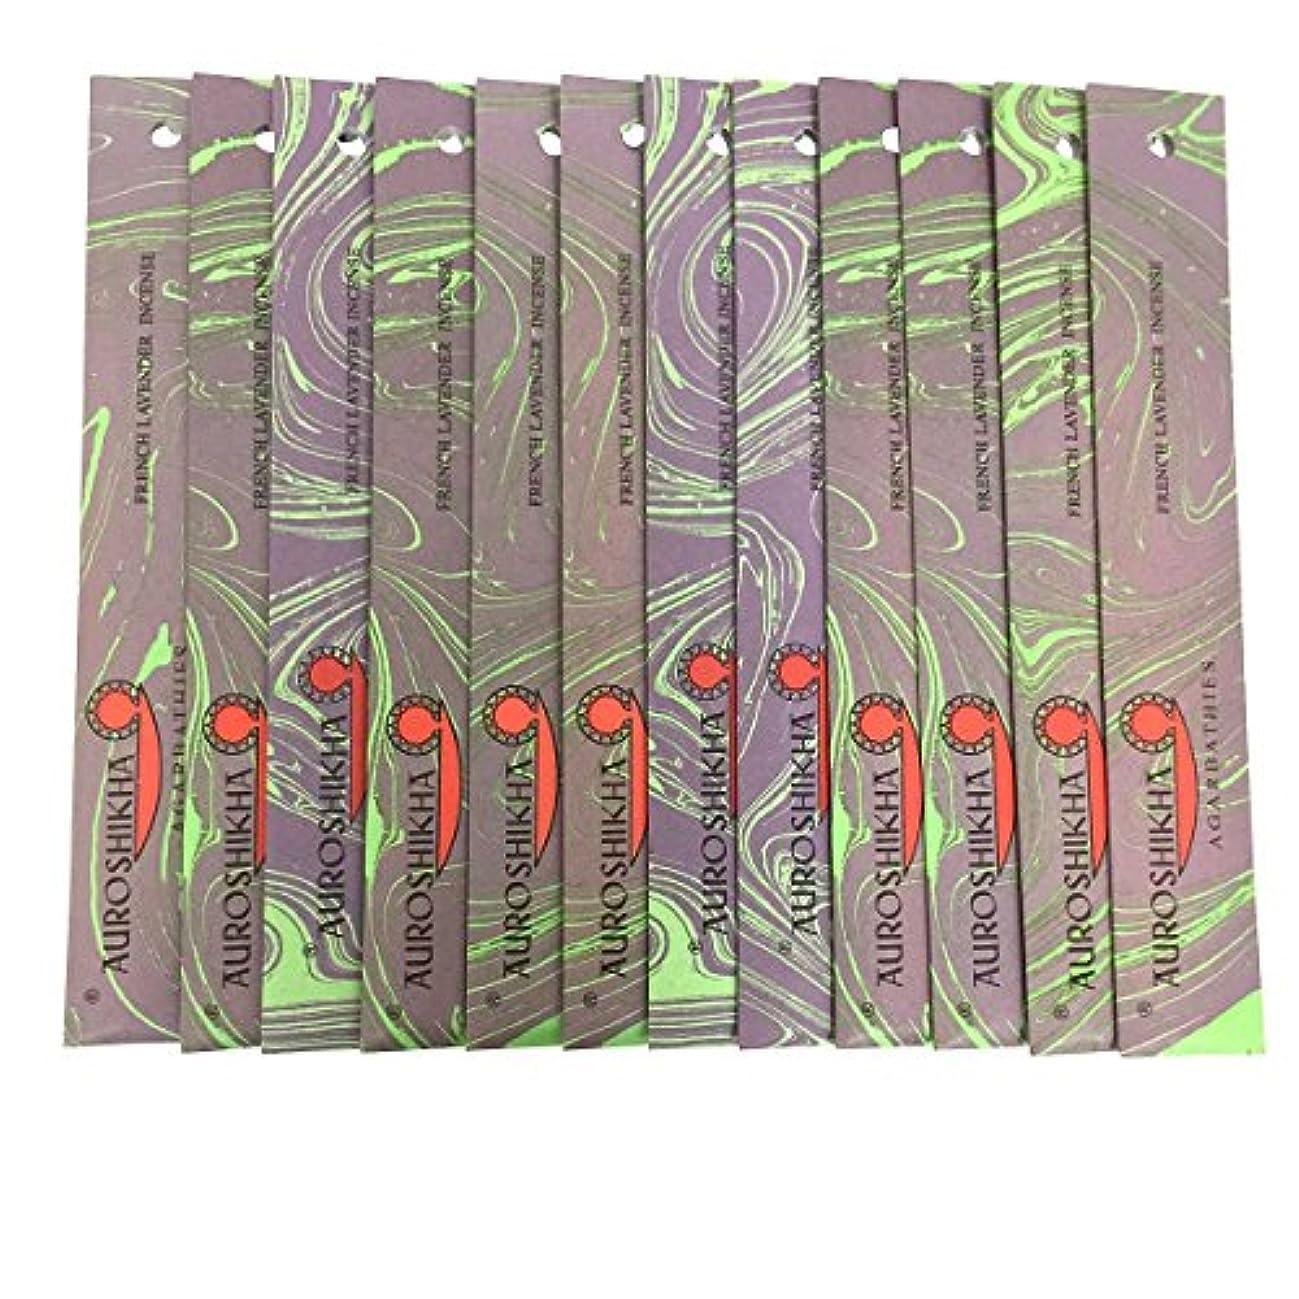 神秘的な郵便思い出AUROSHIKHA オウロシカ(FRENCHLAVENDERフレンチラベンダー12個セット) マーブルパッケージスティック /お香/インセンス/インド香